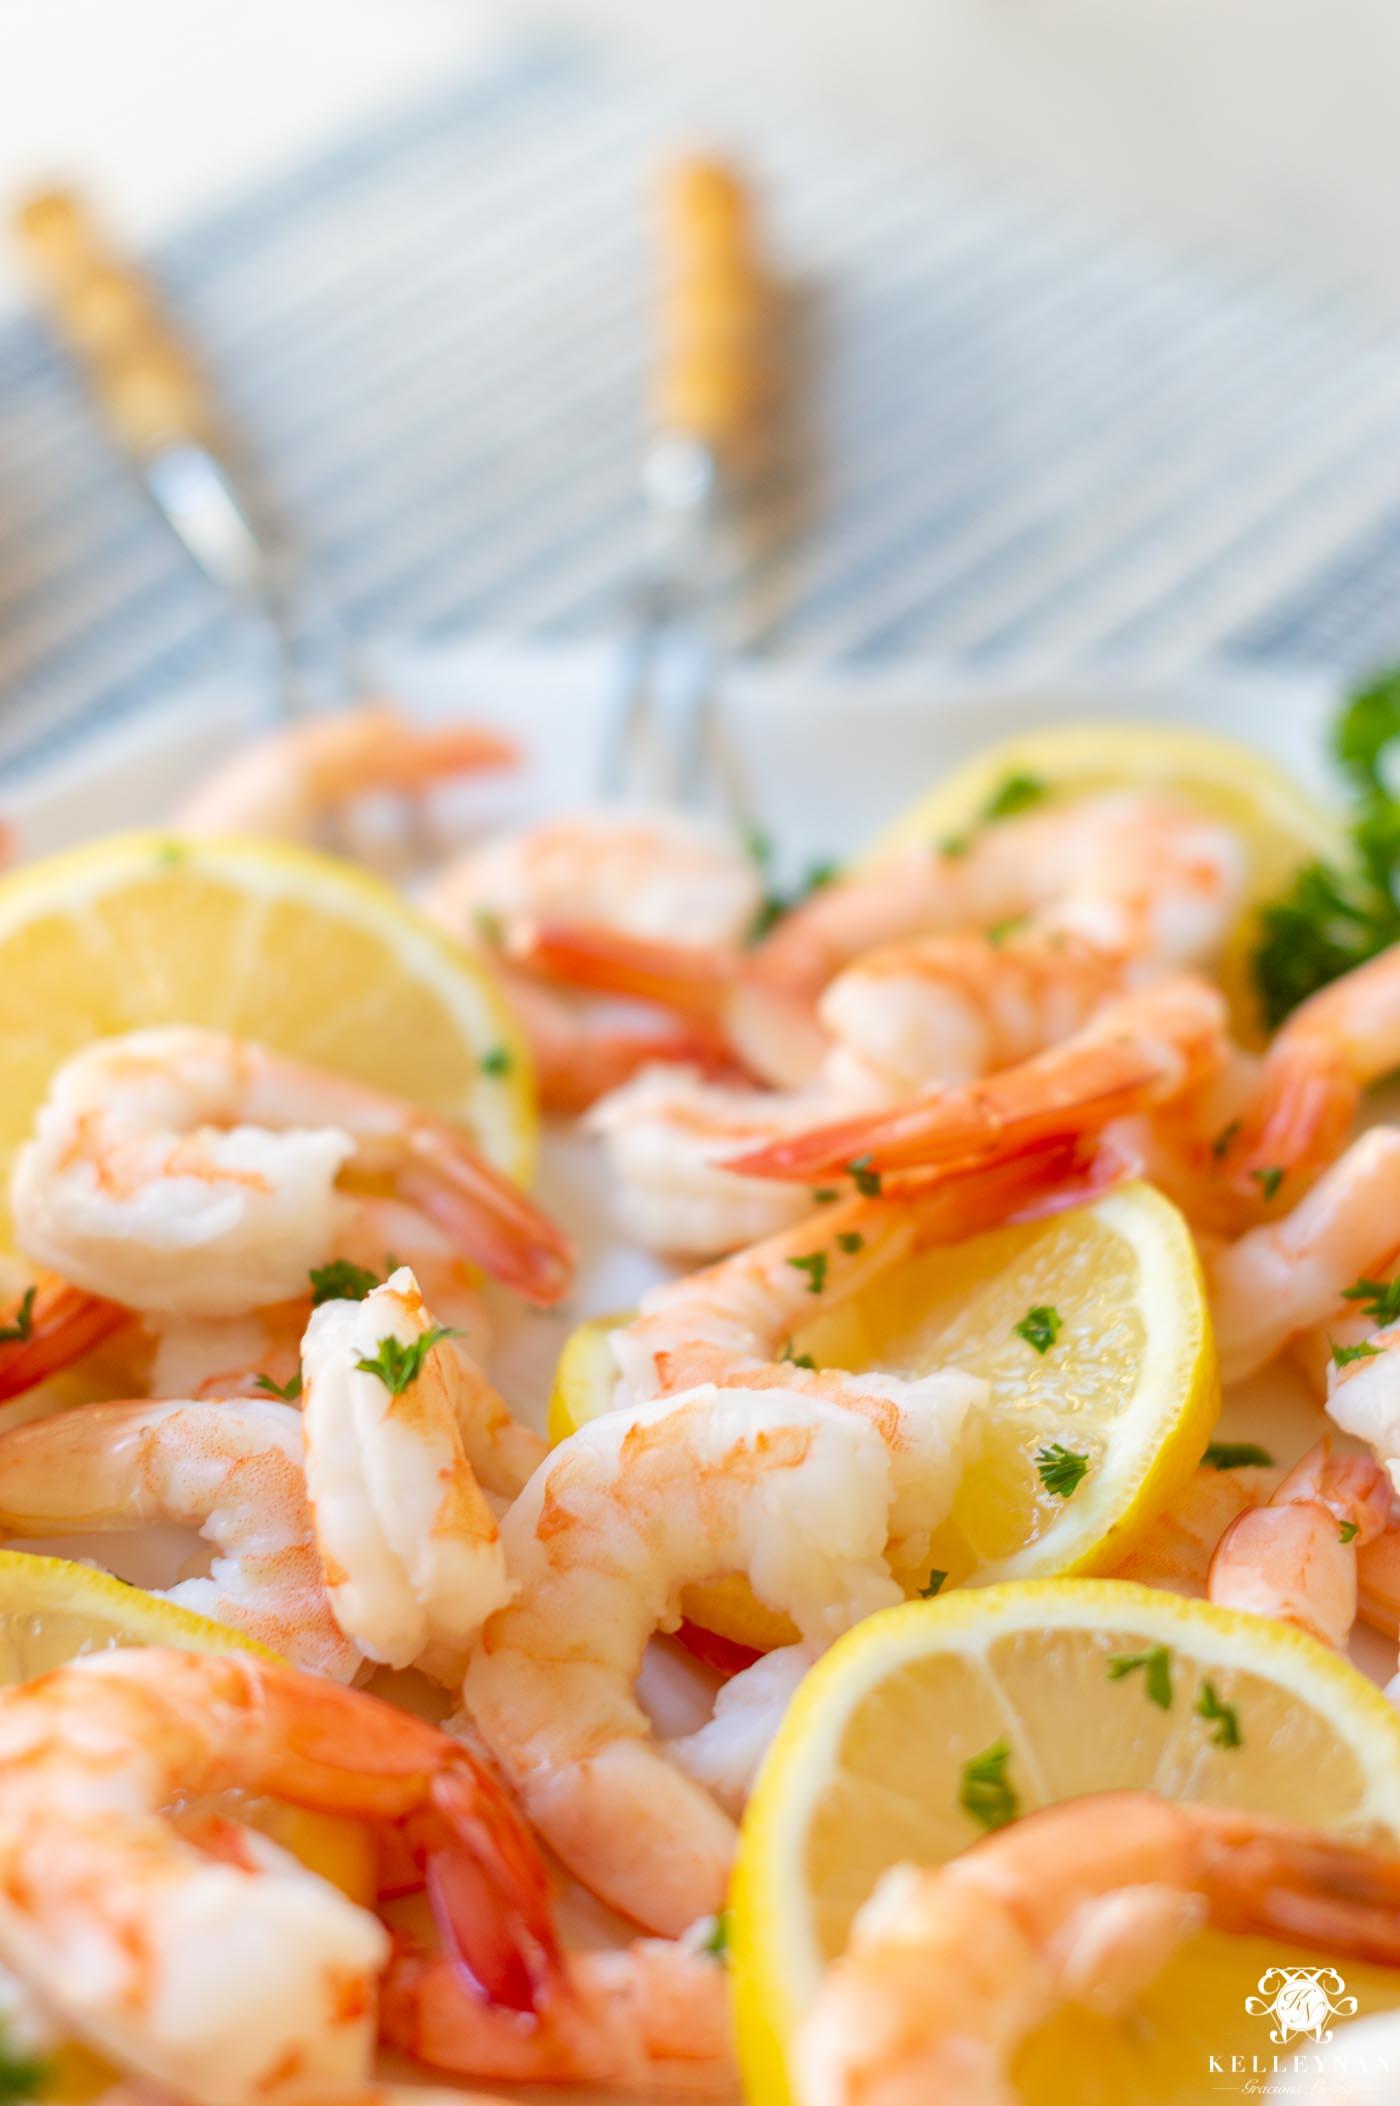 Pretty Shrimp Charcuterie Board Idea